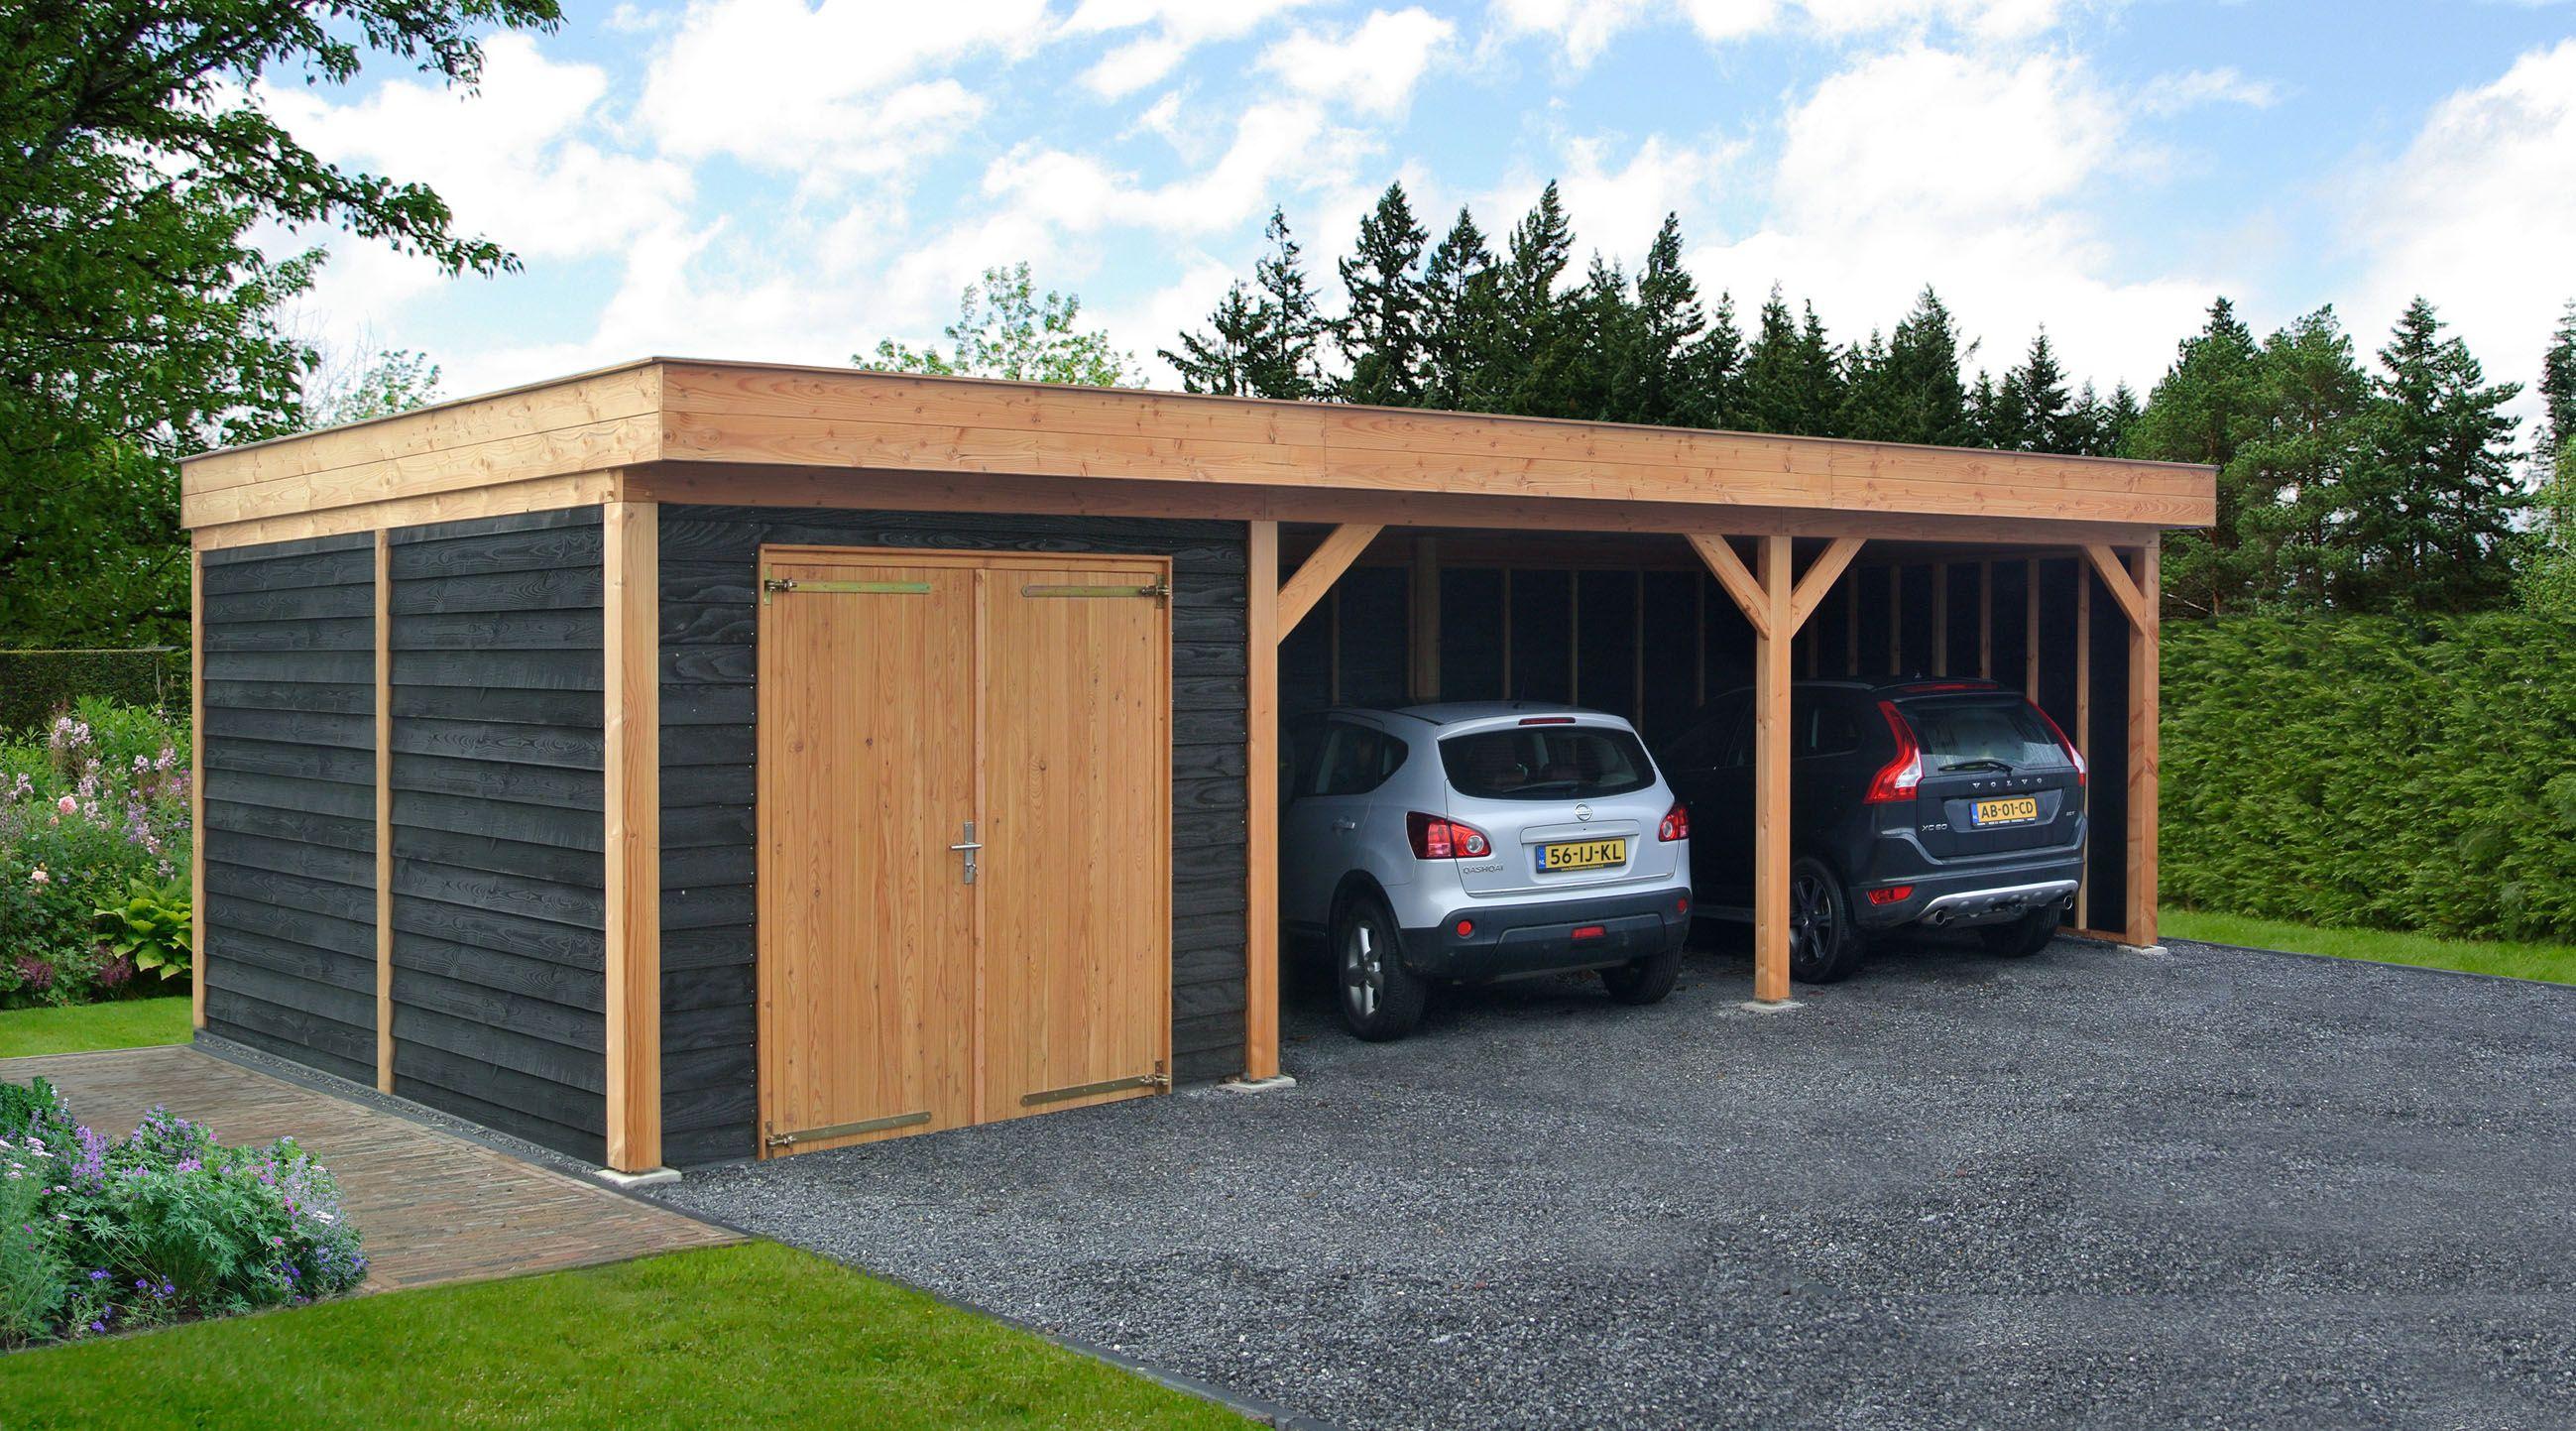 douglas overkapping buitenverblijf plat dak met berging garage met carport